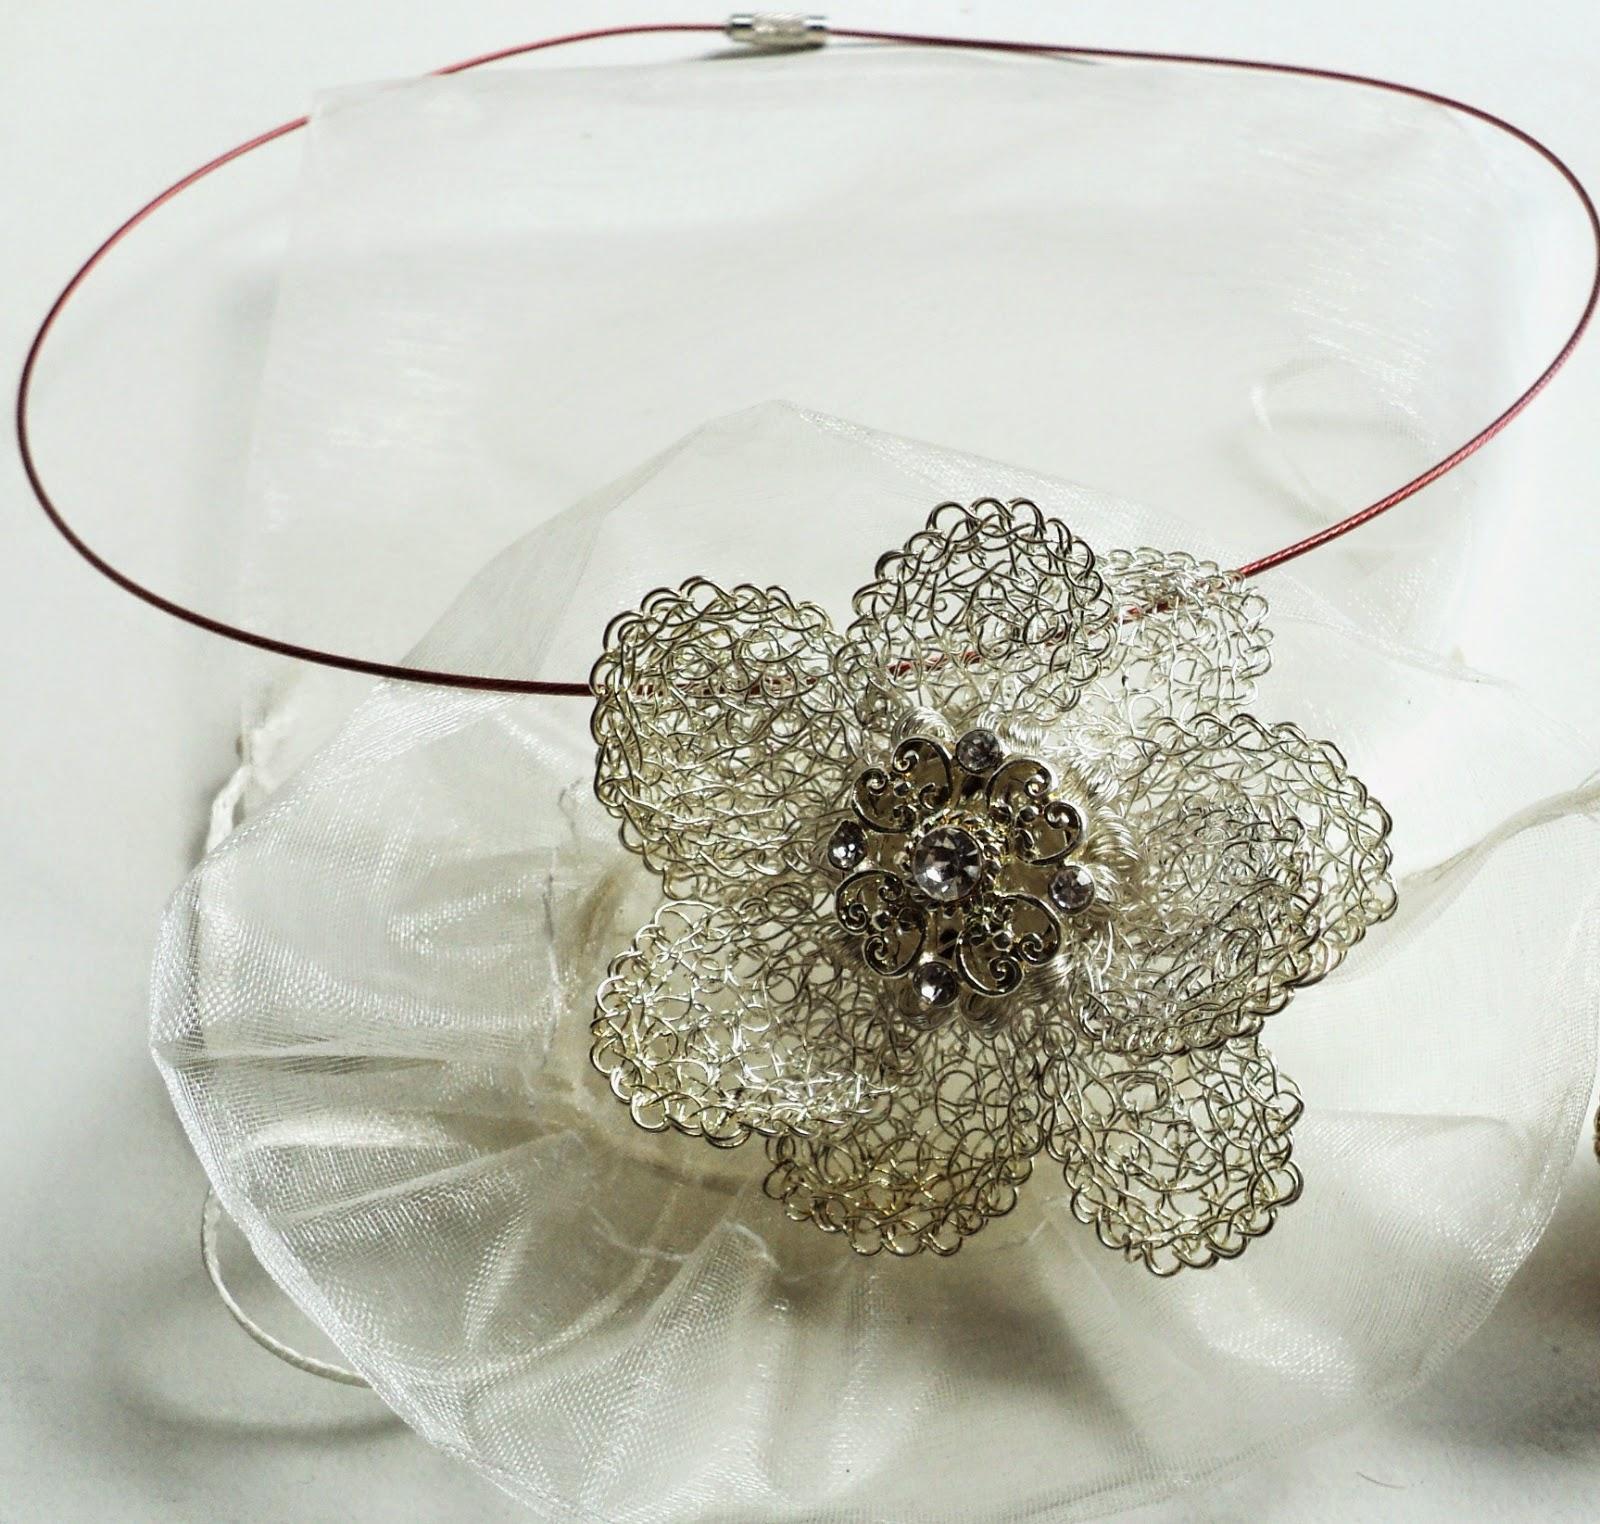 Bodas De Plata Imágenes De Archivo, Vectores 123RF - imagenes de anillos de matrimonio en plata